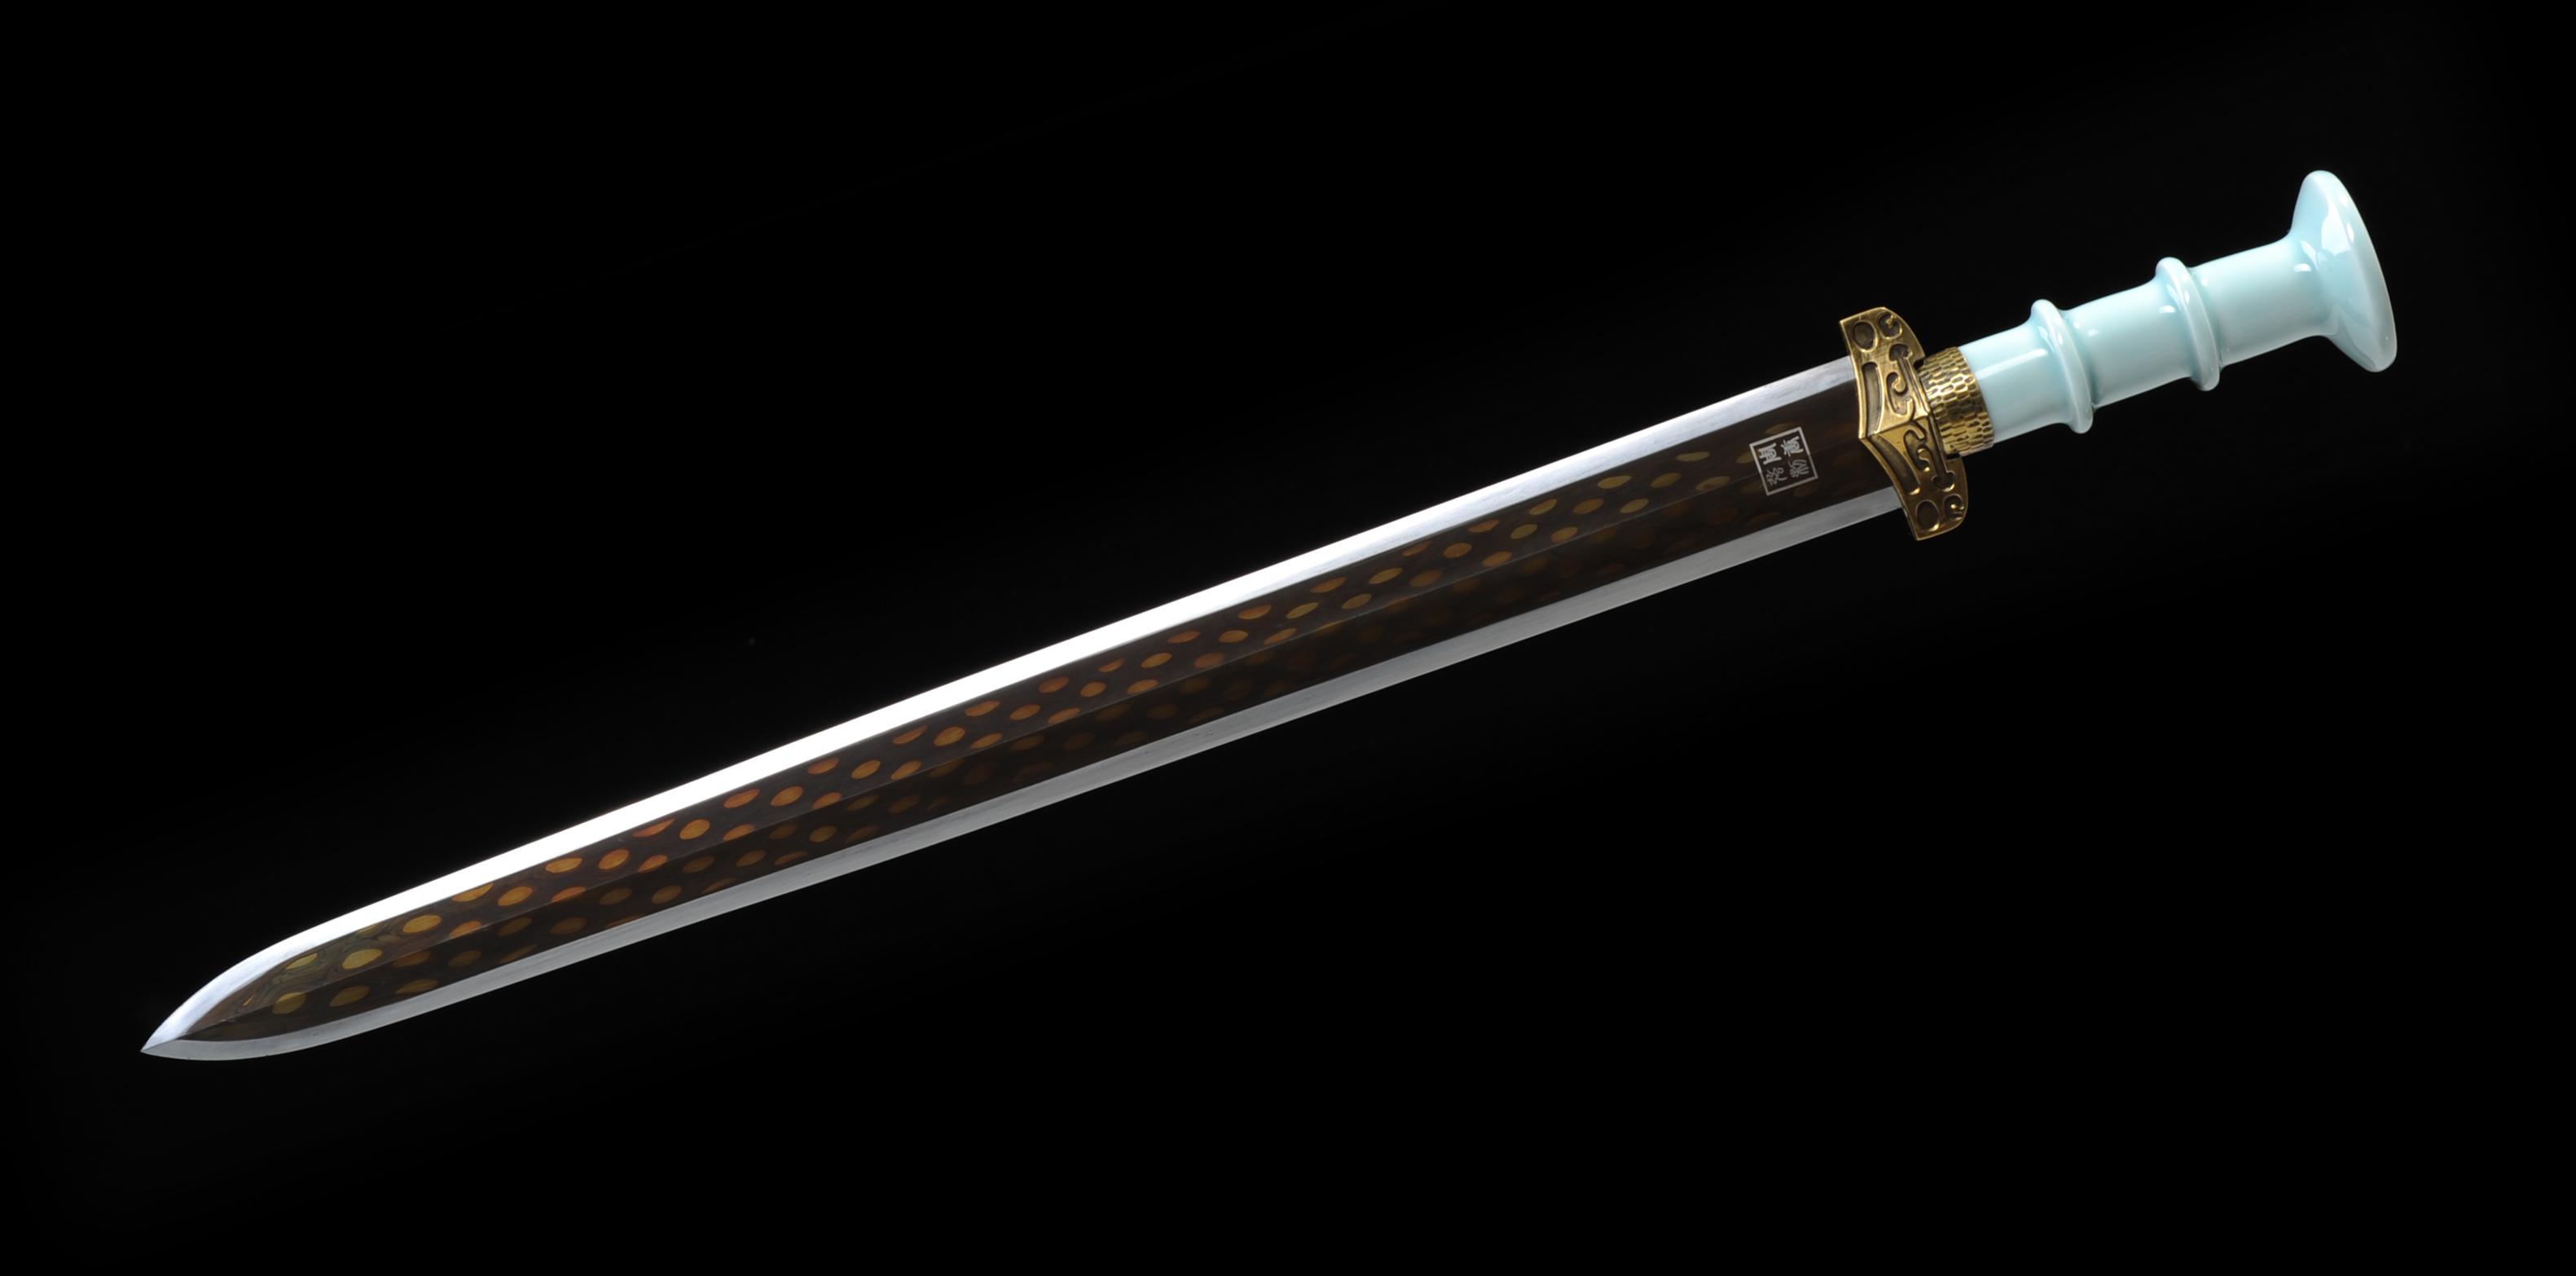 剑_刀剑-珍珠纹瓷柄剑